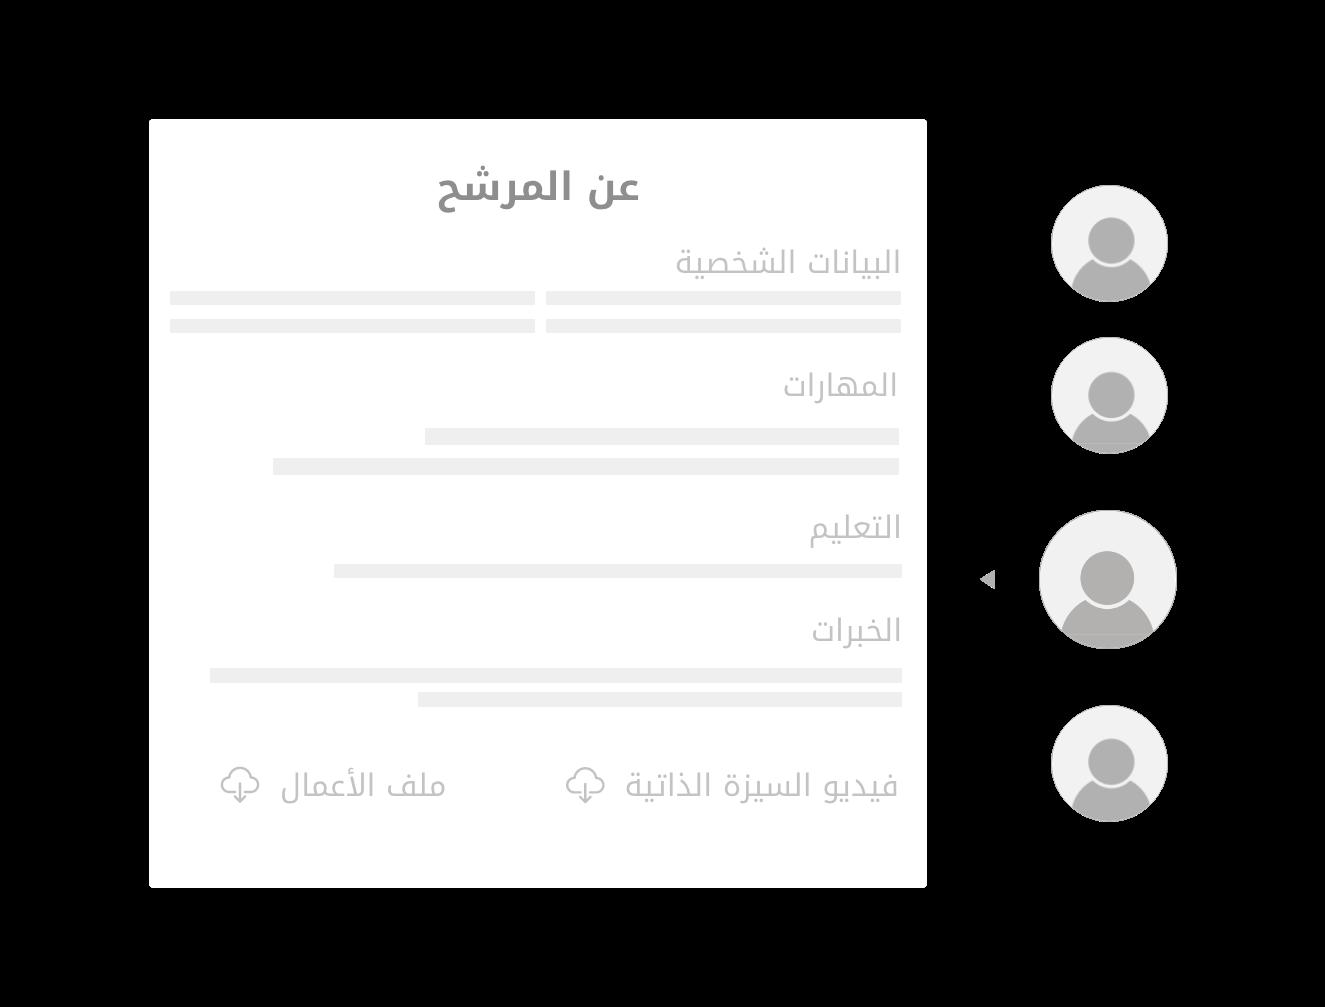 تصفح الملفات الشخصية للمرشحين بلا حدود